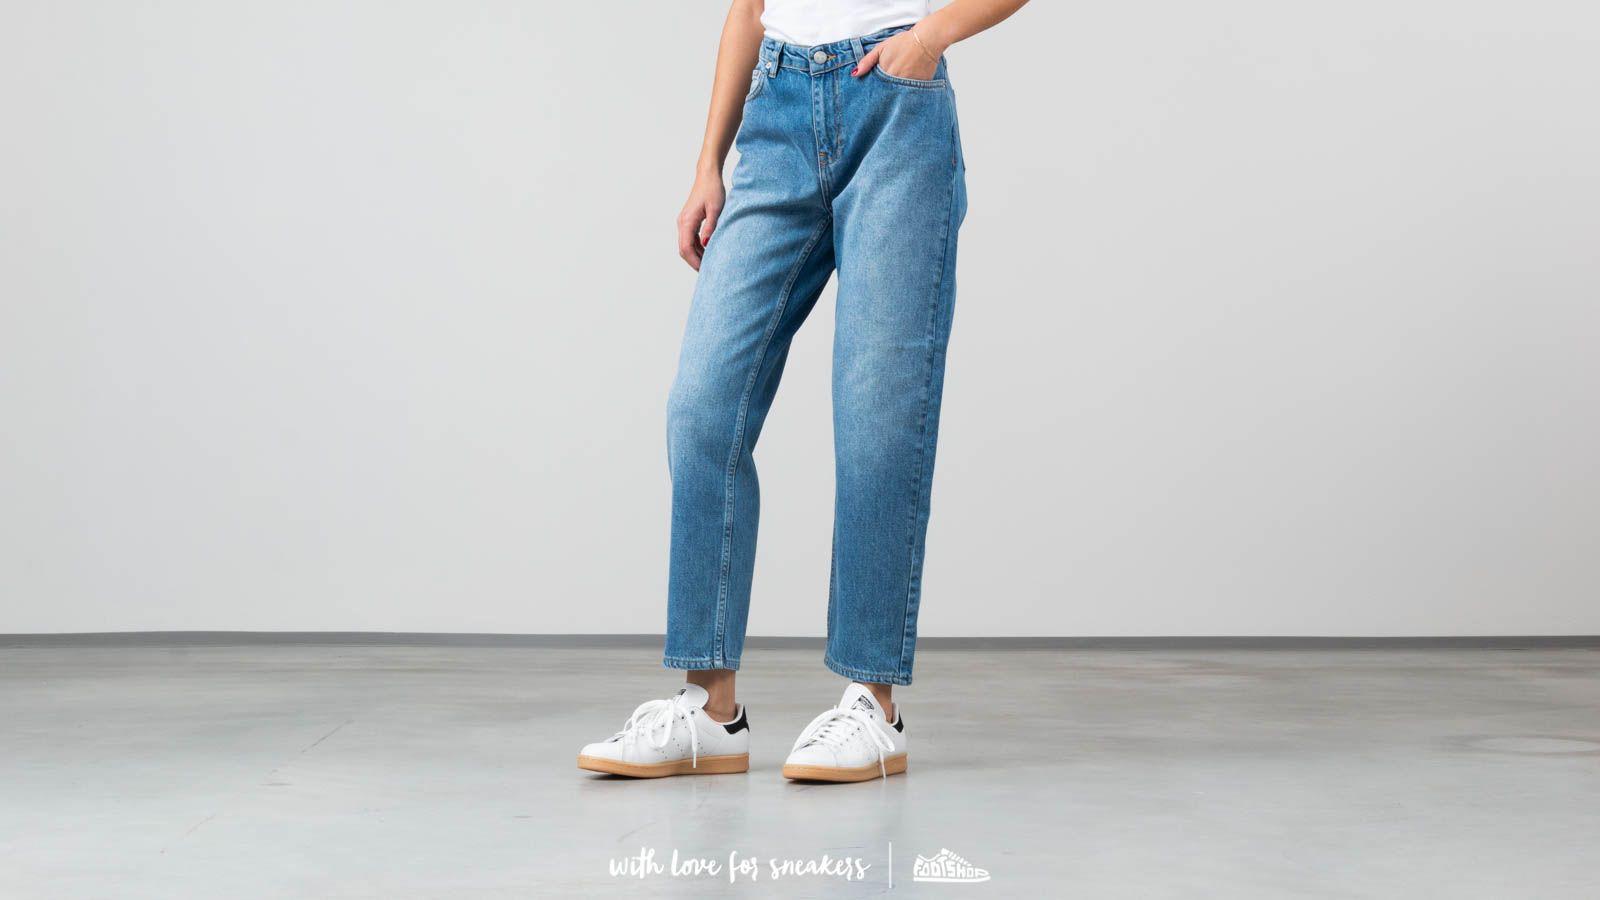 WOOD WOOD Eve Classic Jeans